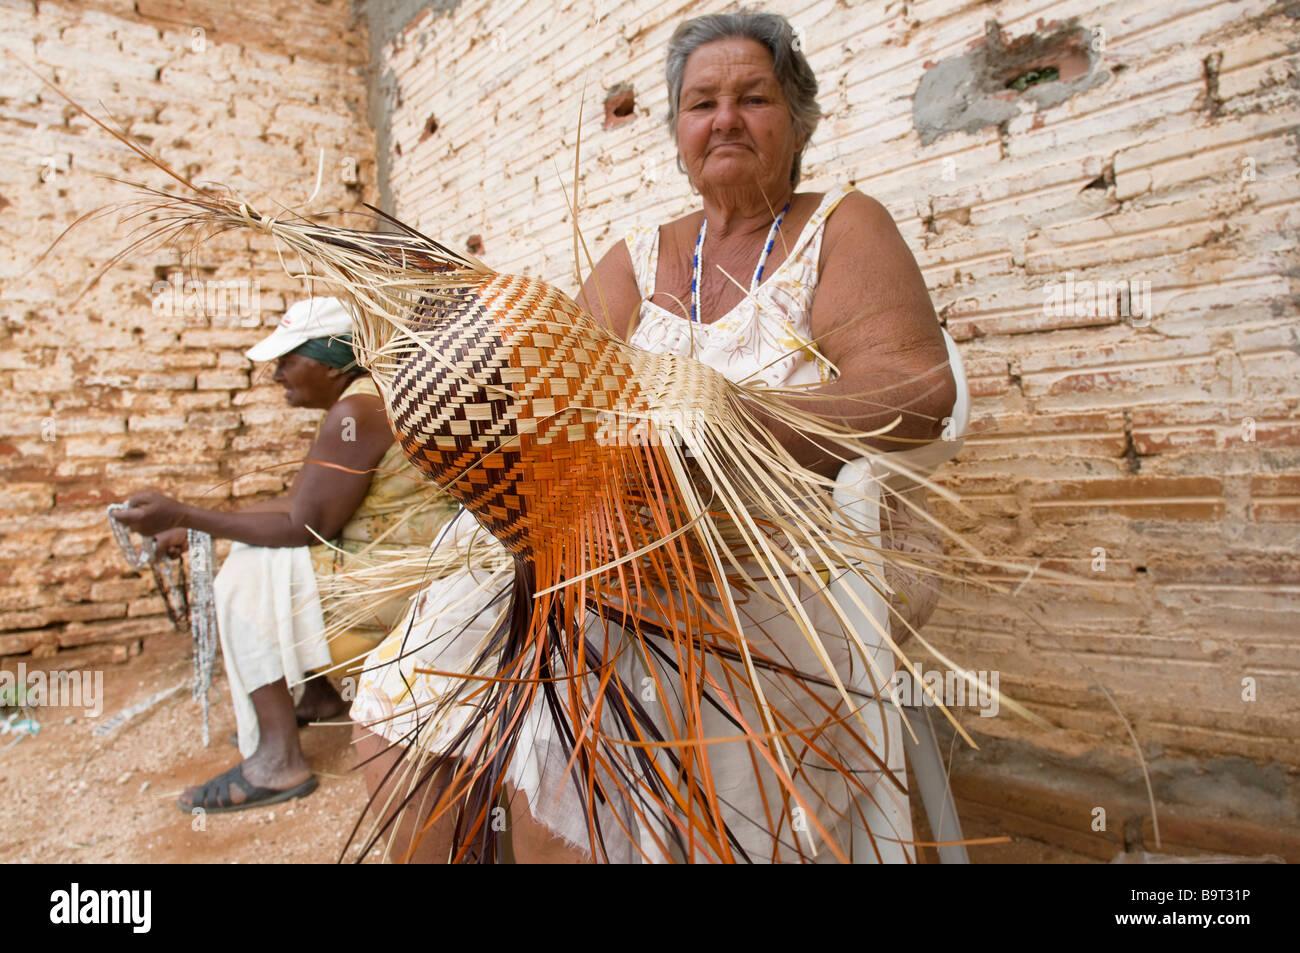 Signora locale weav es un cappello di paglia Immagini Stock a6df93f2dec0